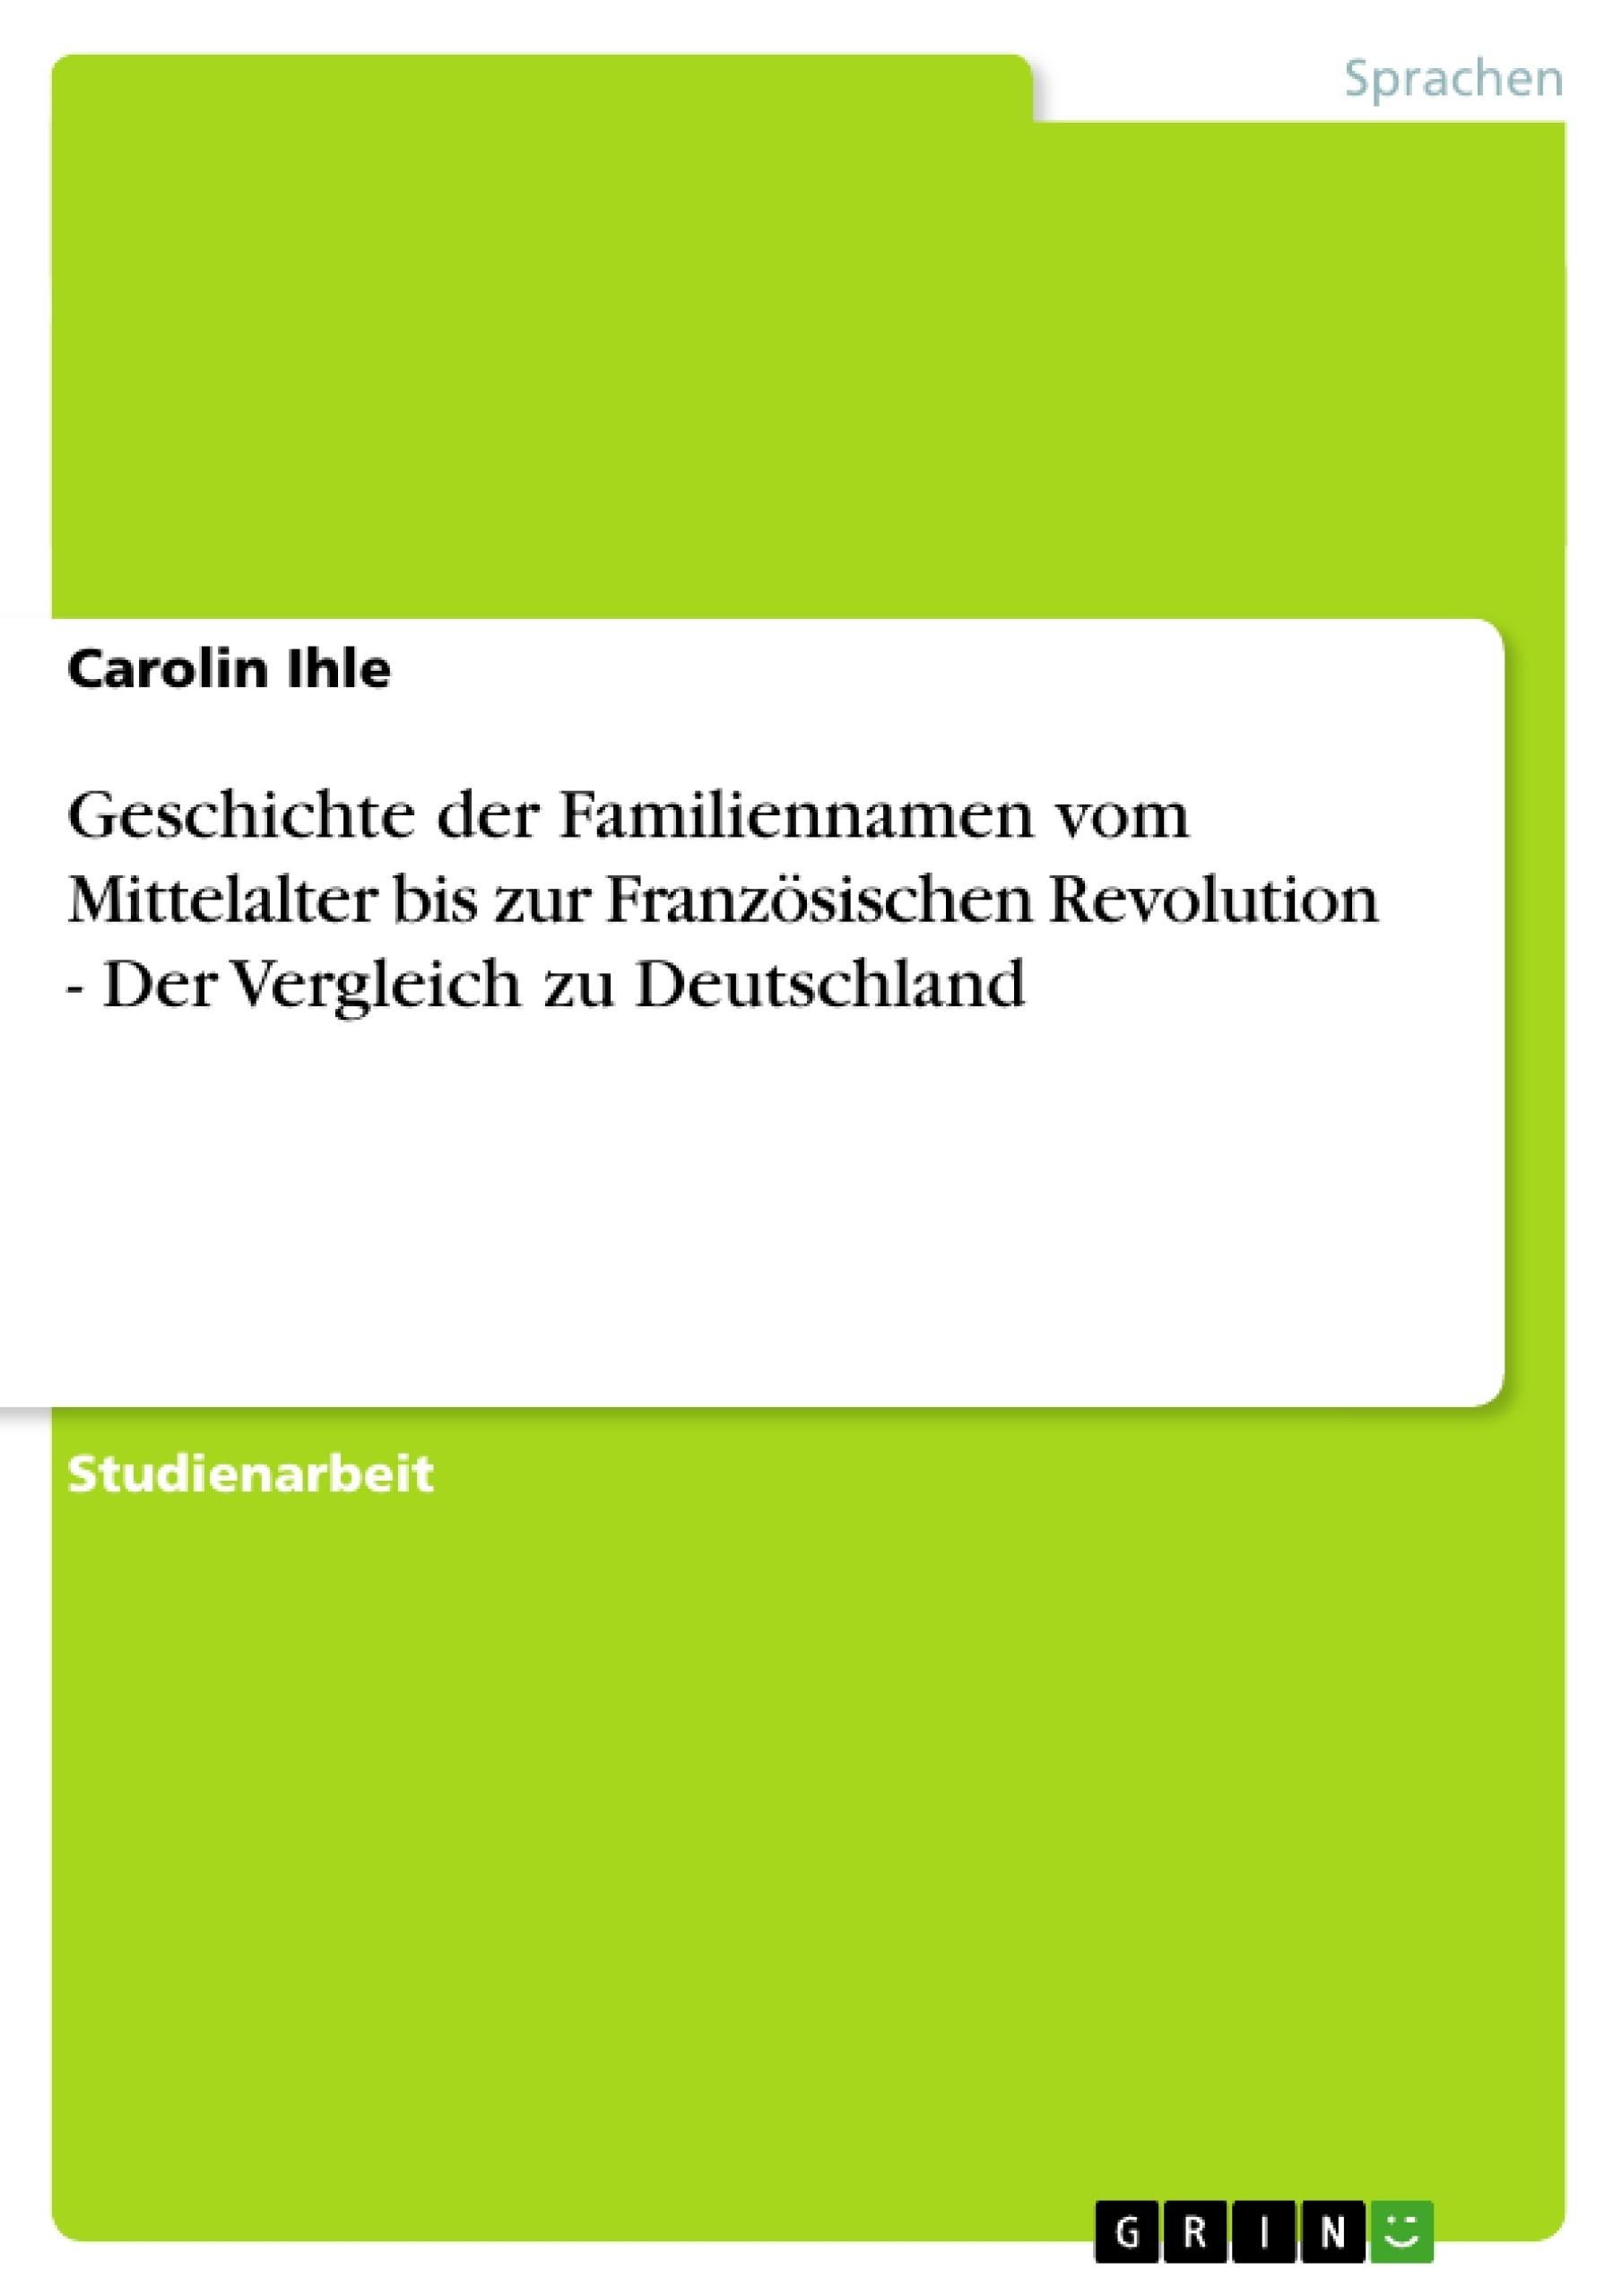 Titel: Geschichte der Familiennamen vom Mittelalter bis zur Französischen Revolution - Der Vergleich zu Deutschland